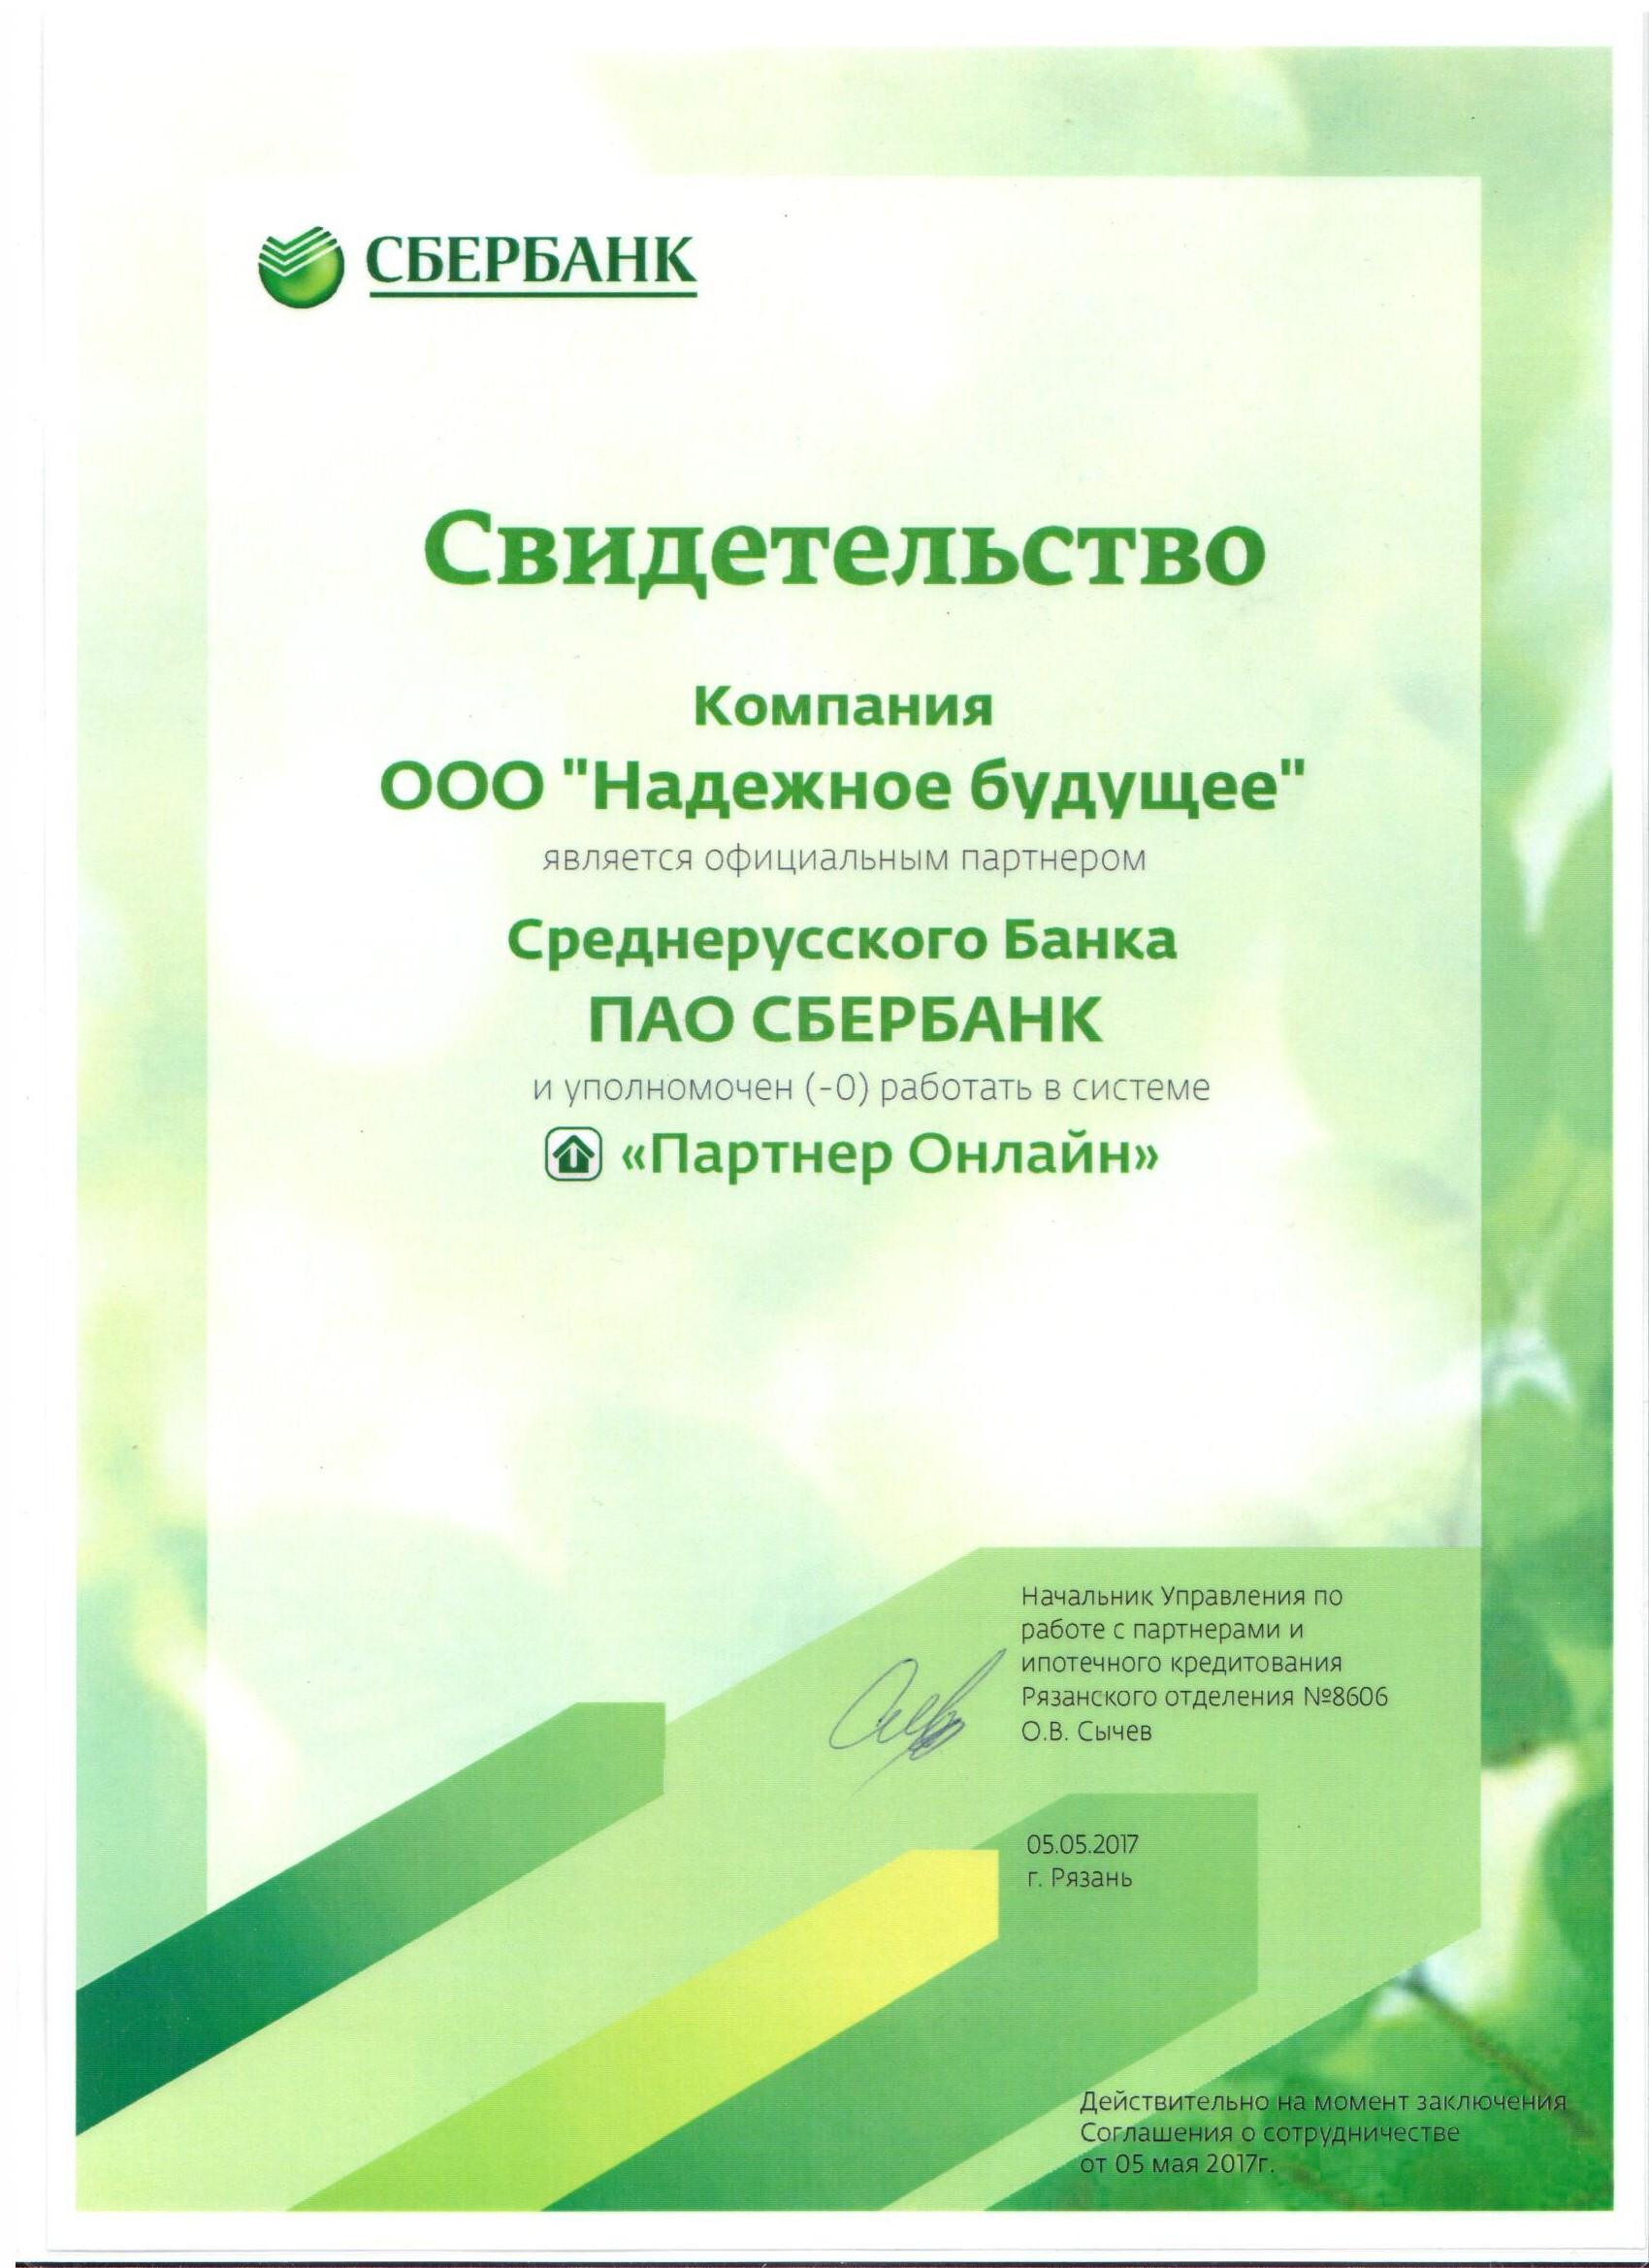 мк кредит официальный сайт форум кредит по паспорту